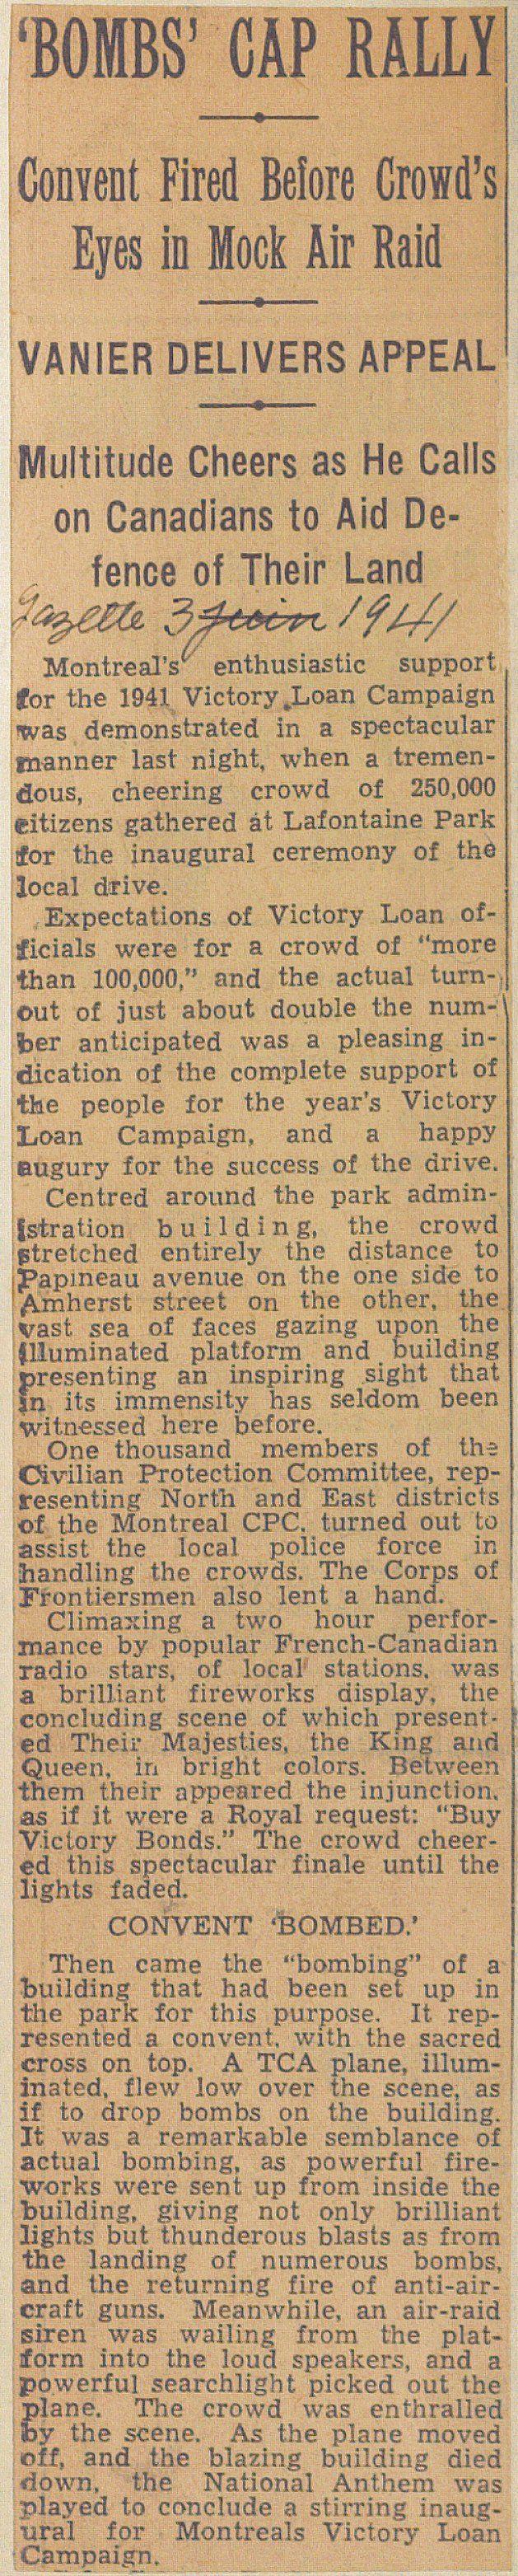 """Article du journal """"The Gazette"""" du 3 juin 1941. SOURCE: Archives de la Ville de Montréal;  code: VM6-S10-D1901-38-A"""